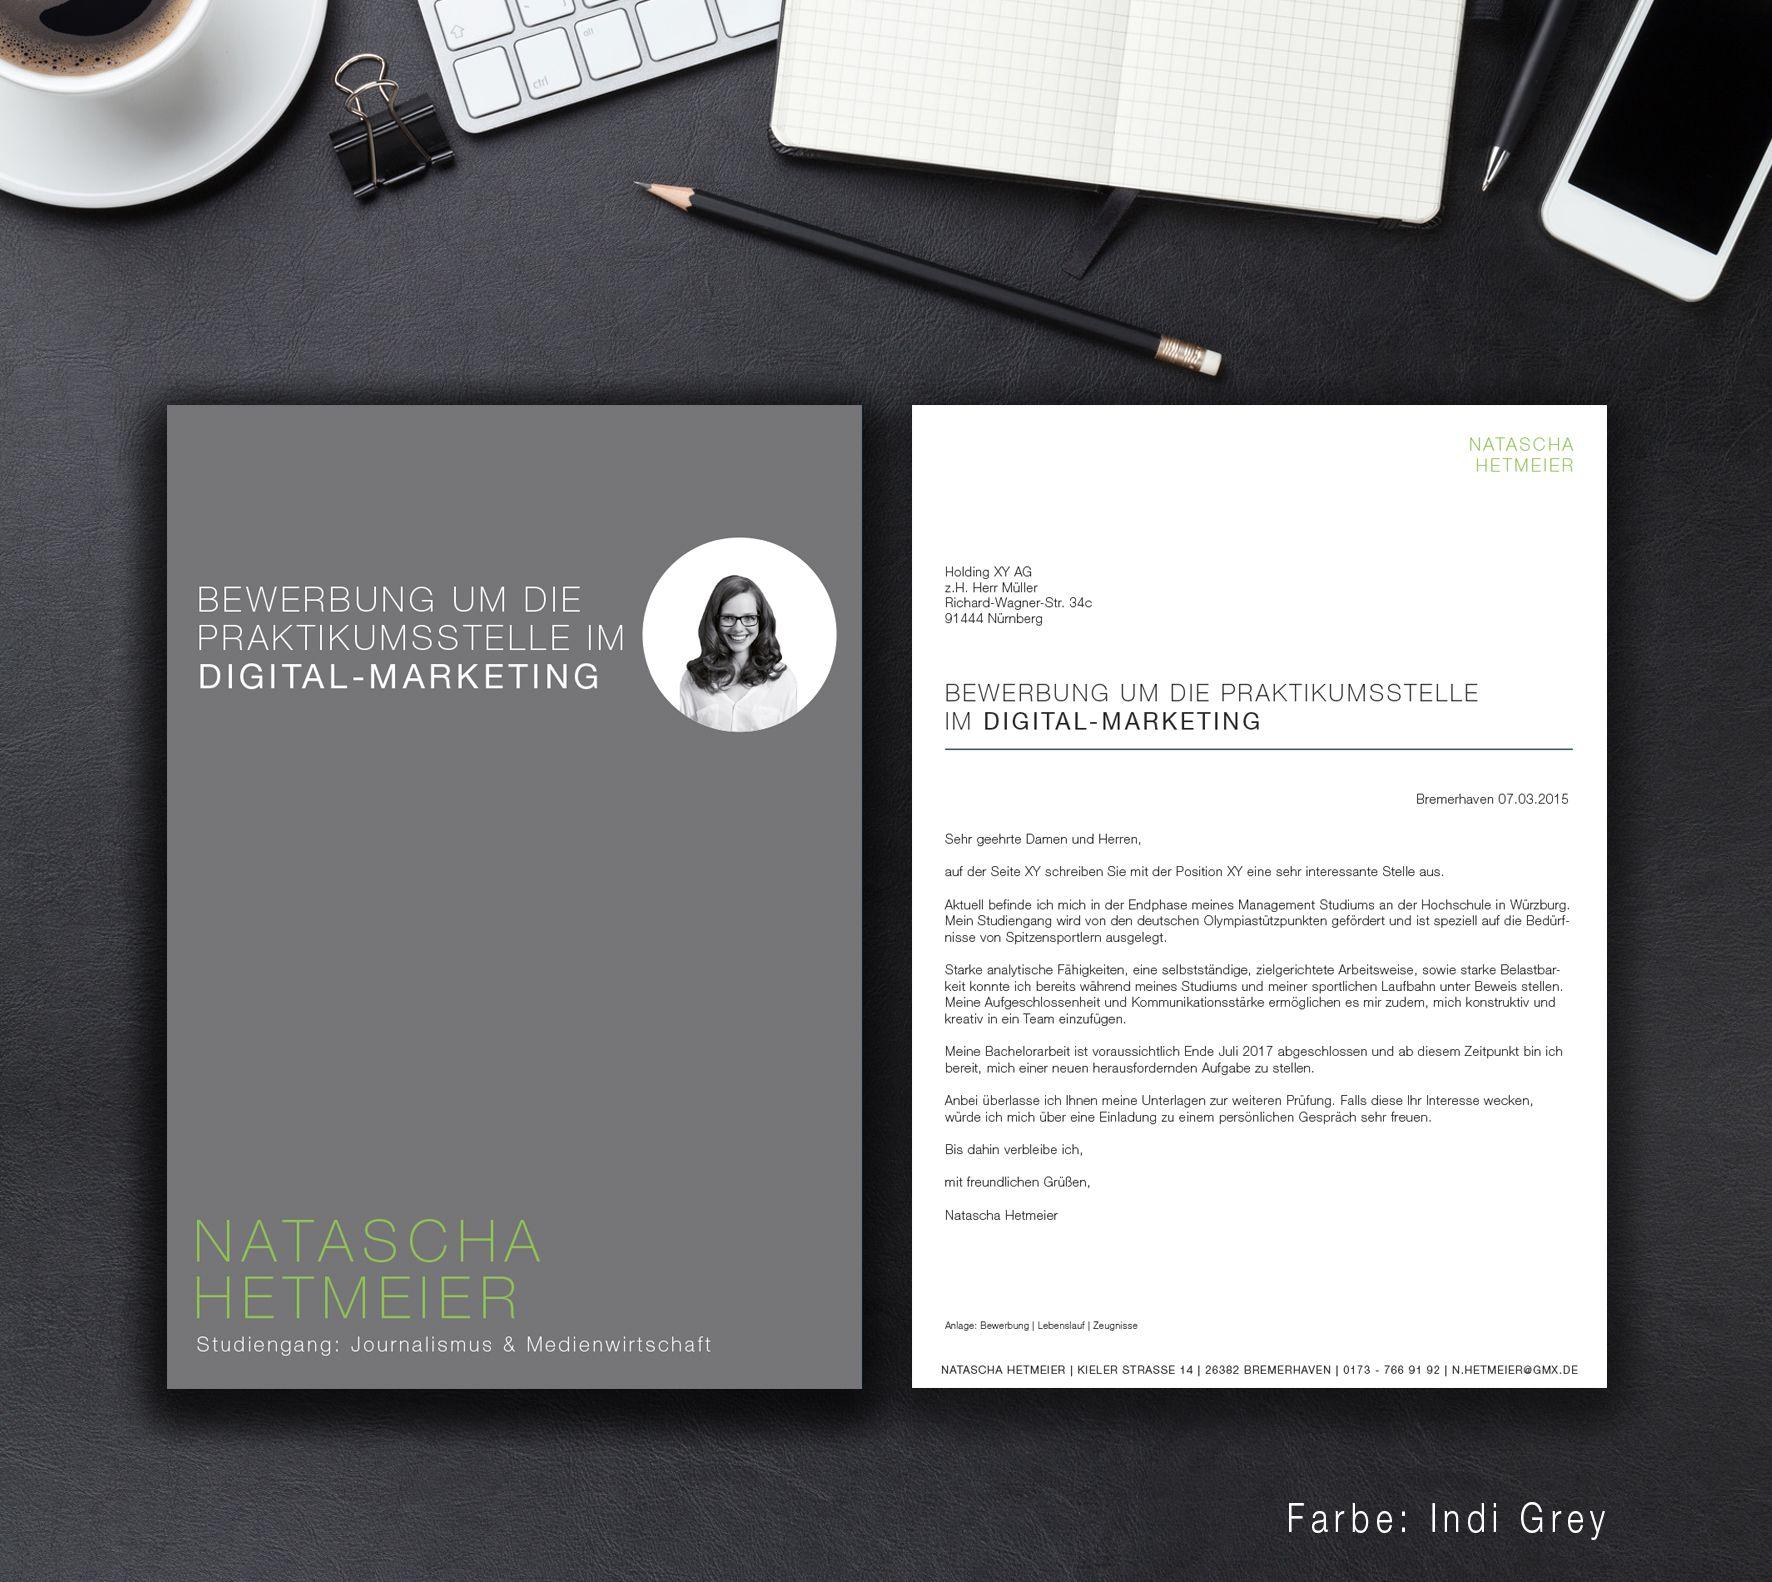 Unsere Bewerbungsvorlage Identity In Der Farbe Indi Grey Einzigartigkeit Demonstrieren Sie Mit Der Bewerbung Bewerbung Anschreiben Design Kreative Bewerbung